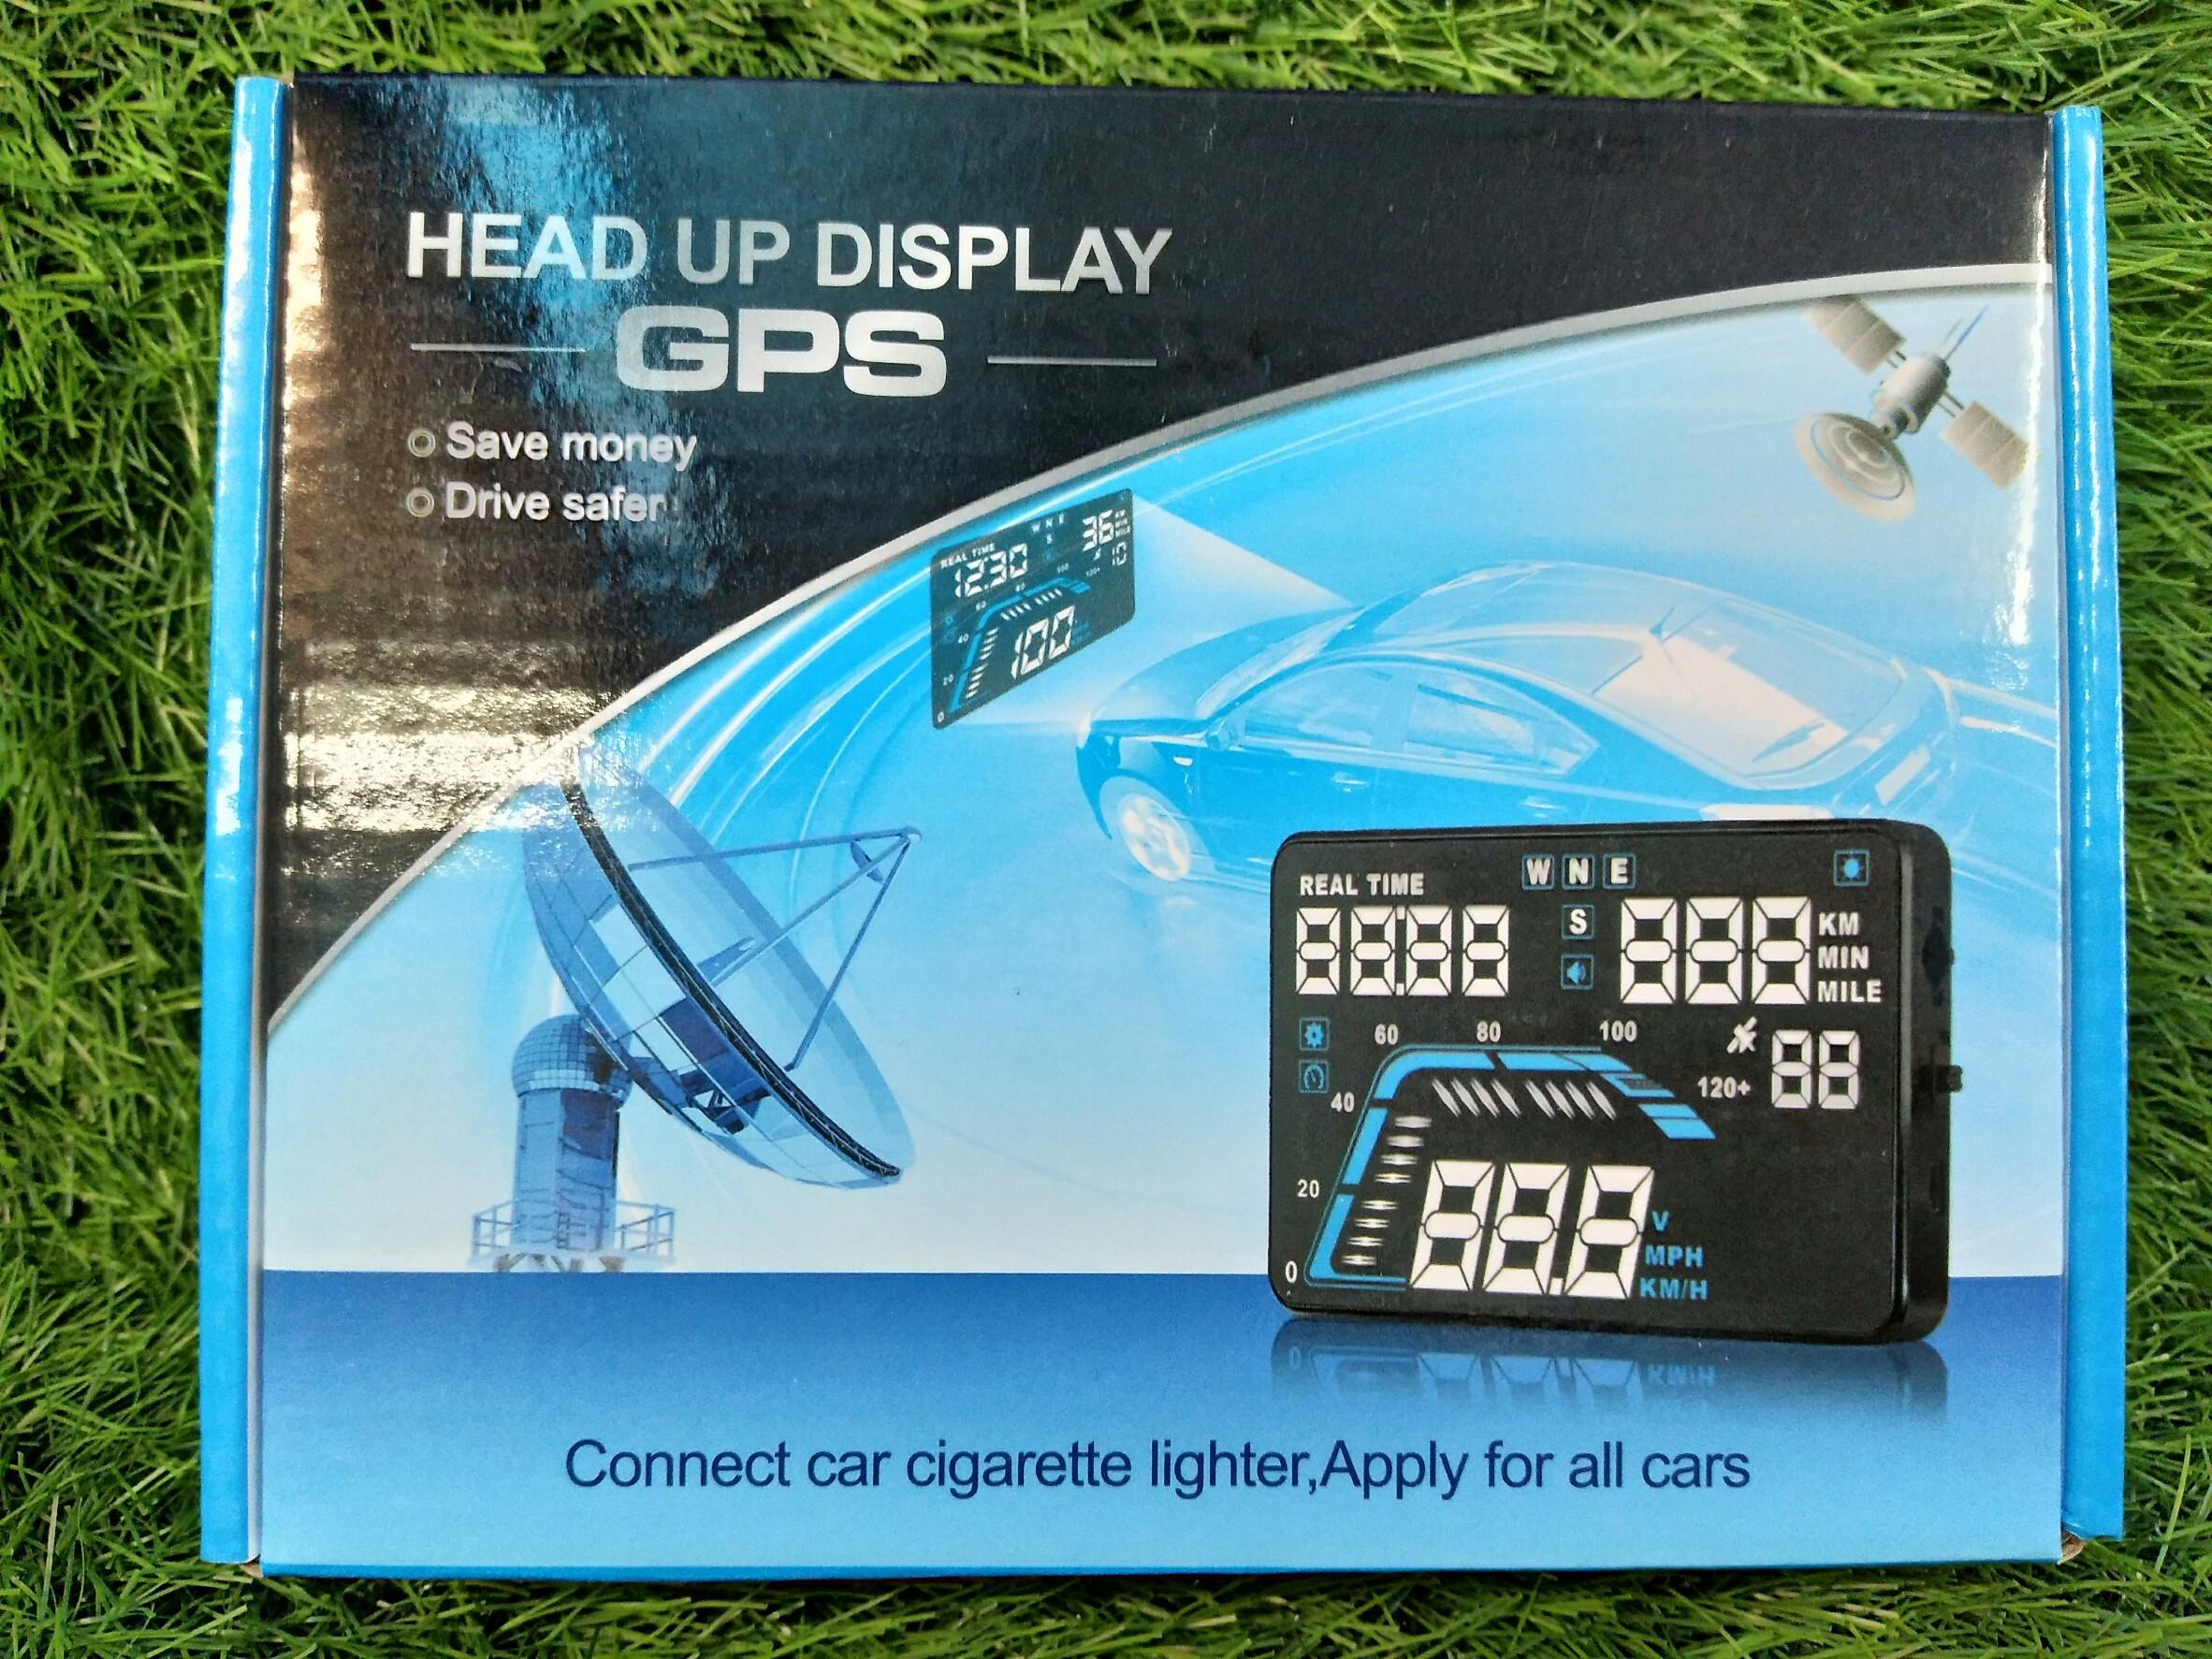 HUD ระบบ GPS อุปกรณ์แสดงความเร็ว บนกระจก ปลอดภัย ล้ำหน้า ใช้ง่ายแค่เสียบกับที่จุด บุหรี่